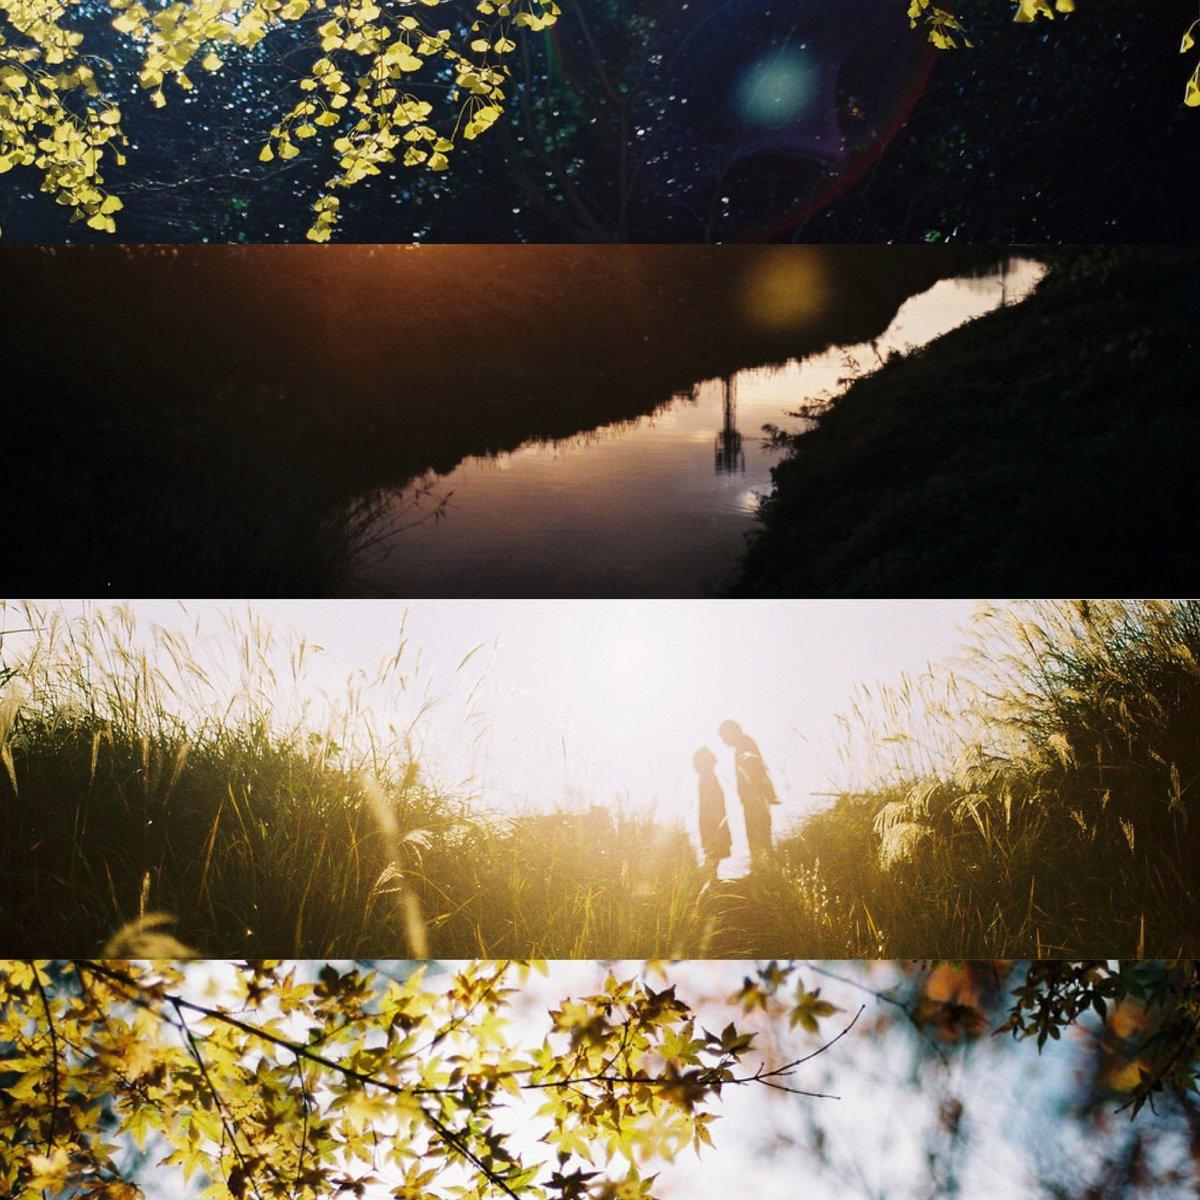 星空のような秋の下で